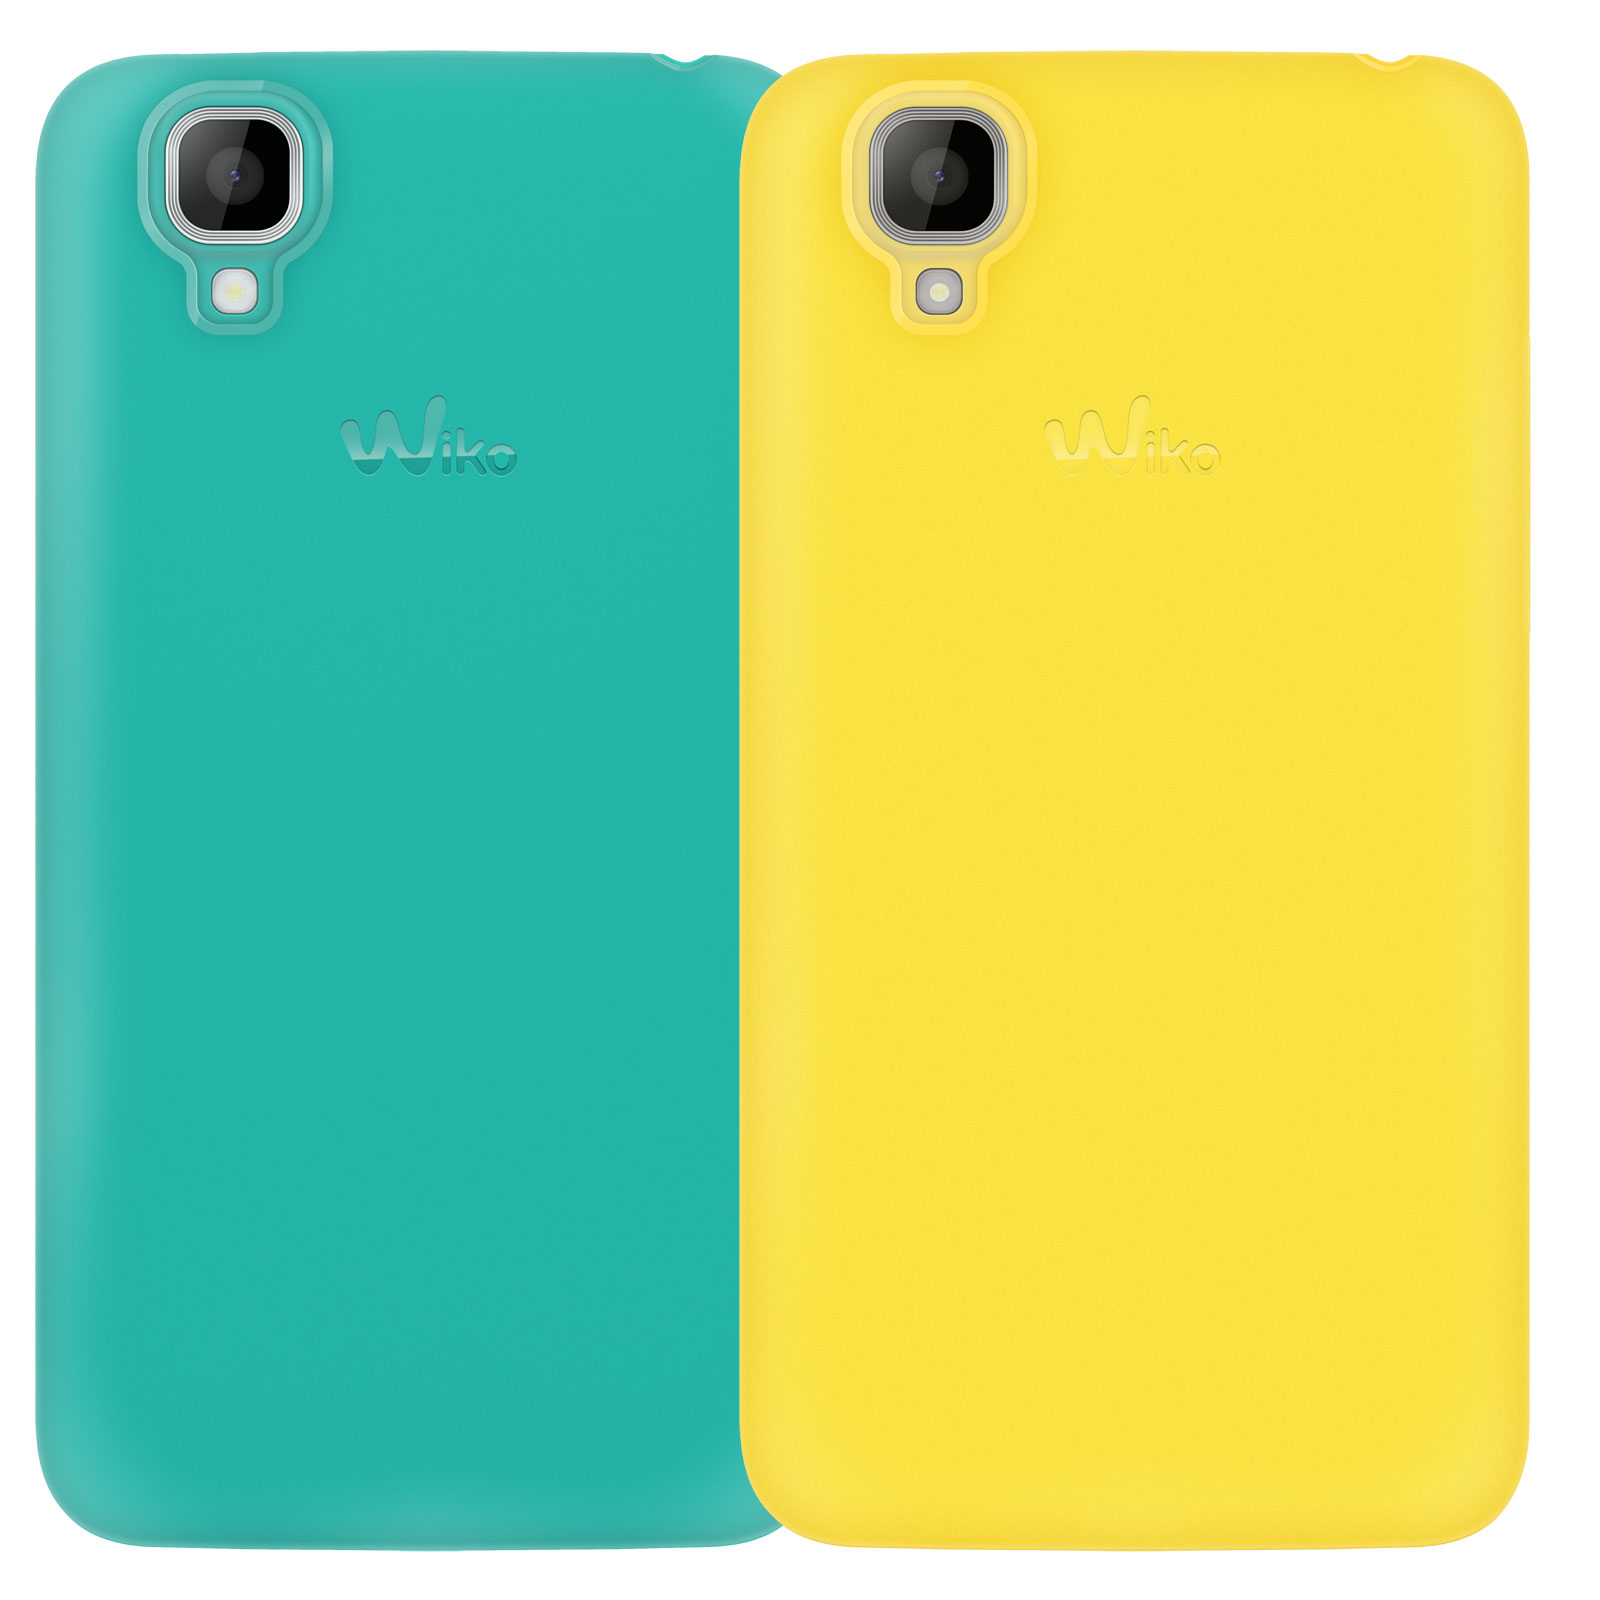 Etui téléphone Wiko lot de 2 coques jaune et turquoise Wiko GOA Lot de 2 coques pour Wiko GOA